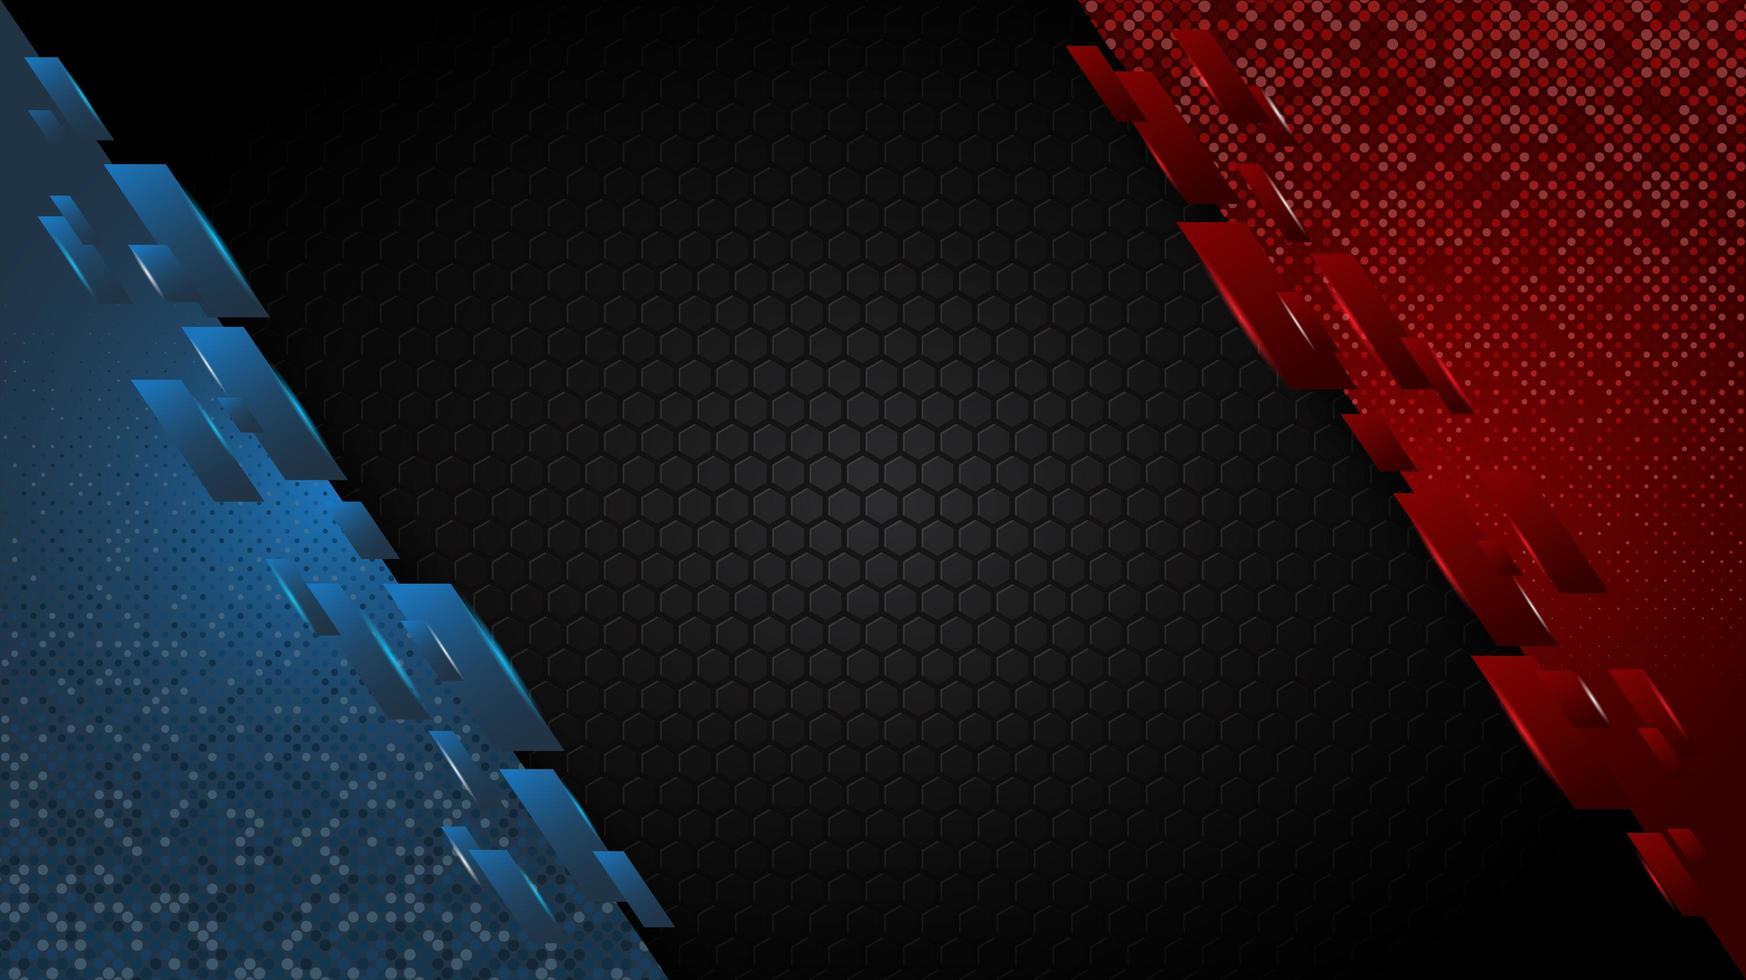 esquinas anguladas rojas y azules en el patrón hexagonal vector